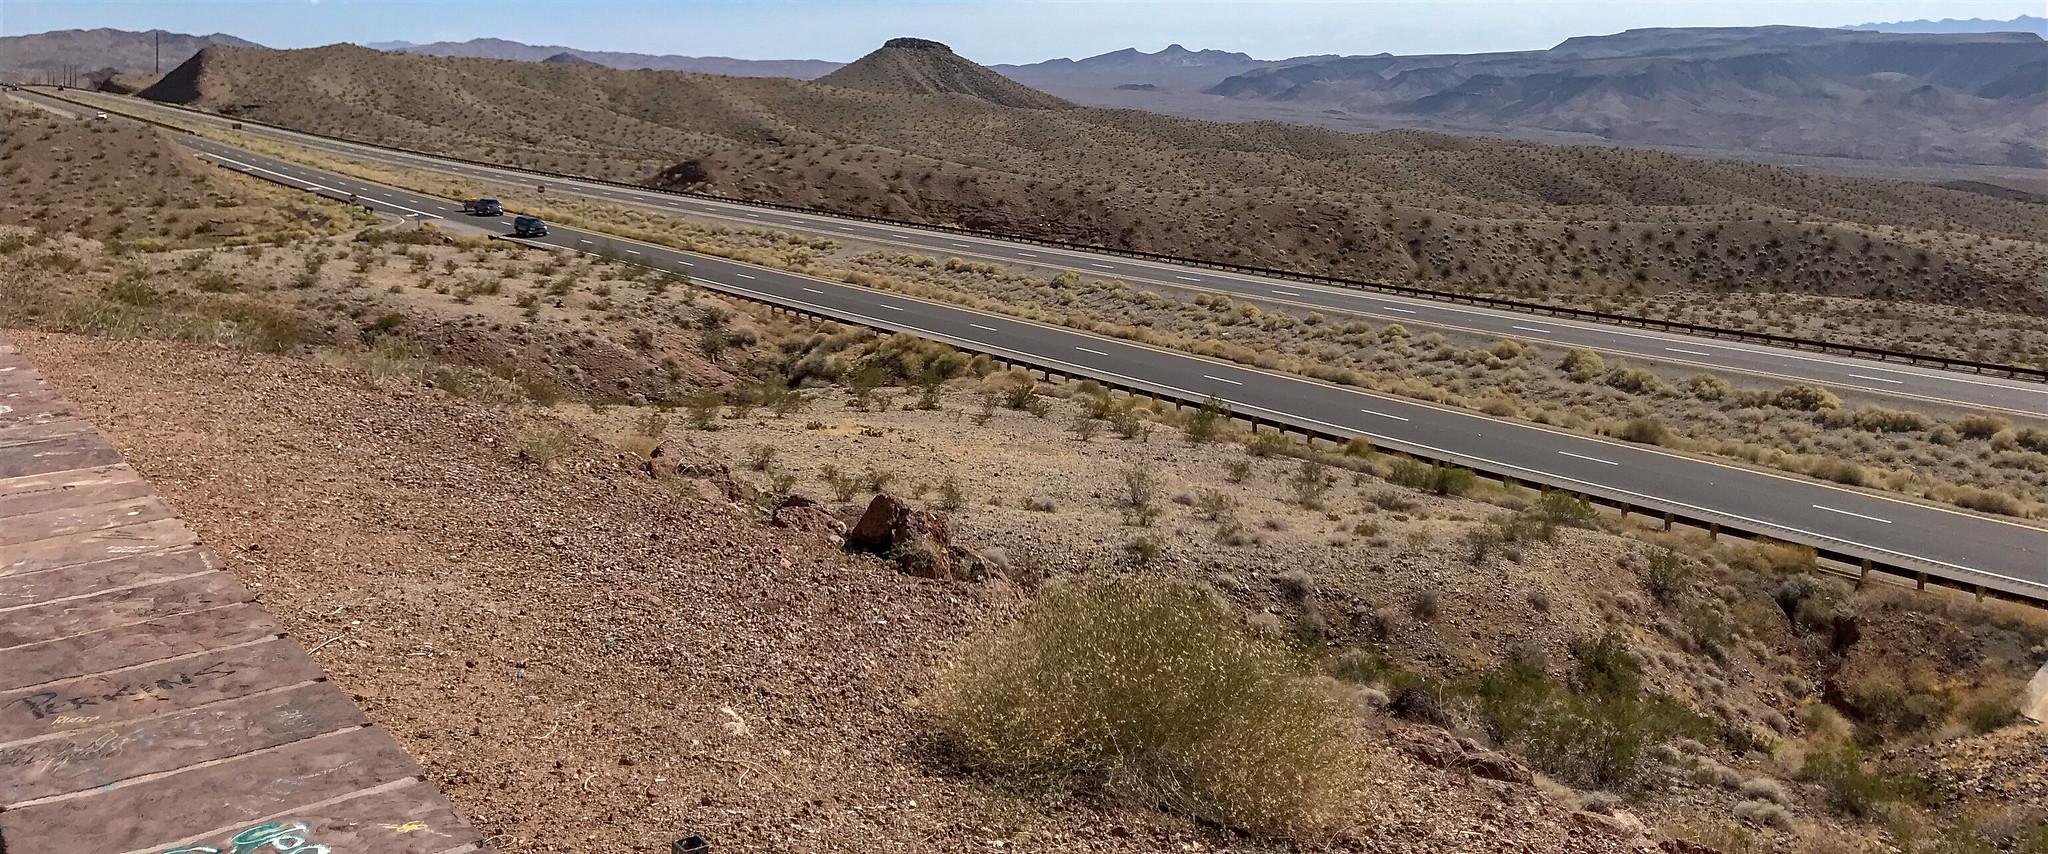 Arizona Pano